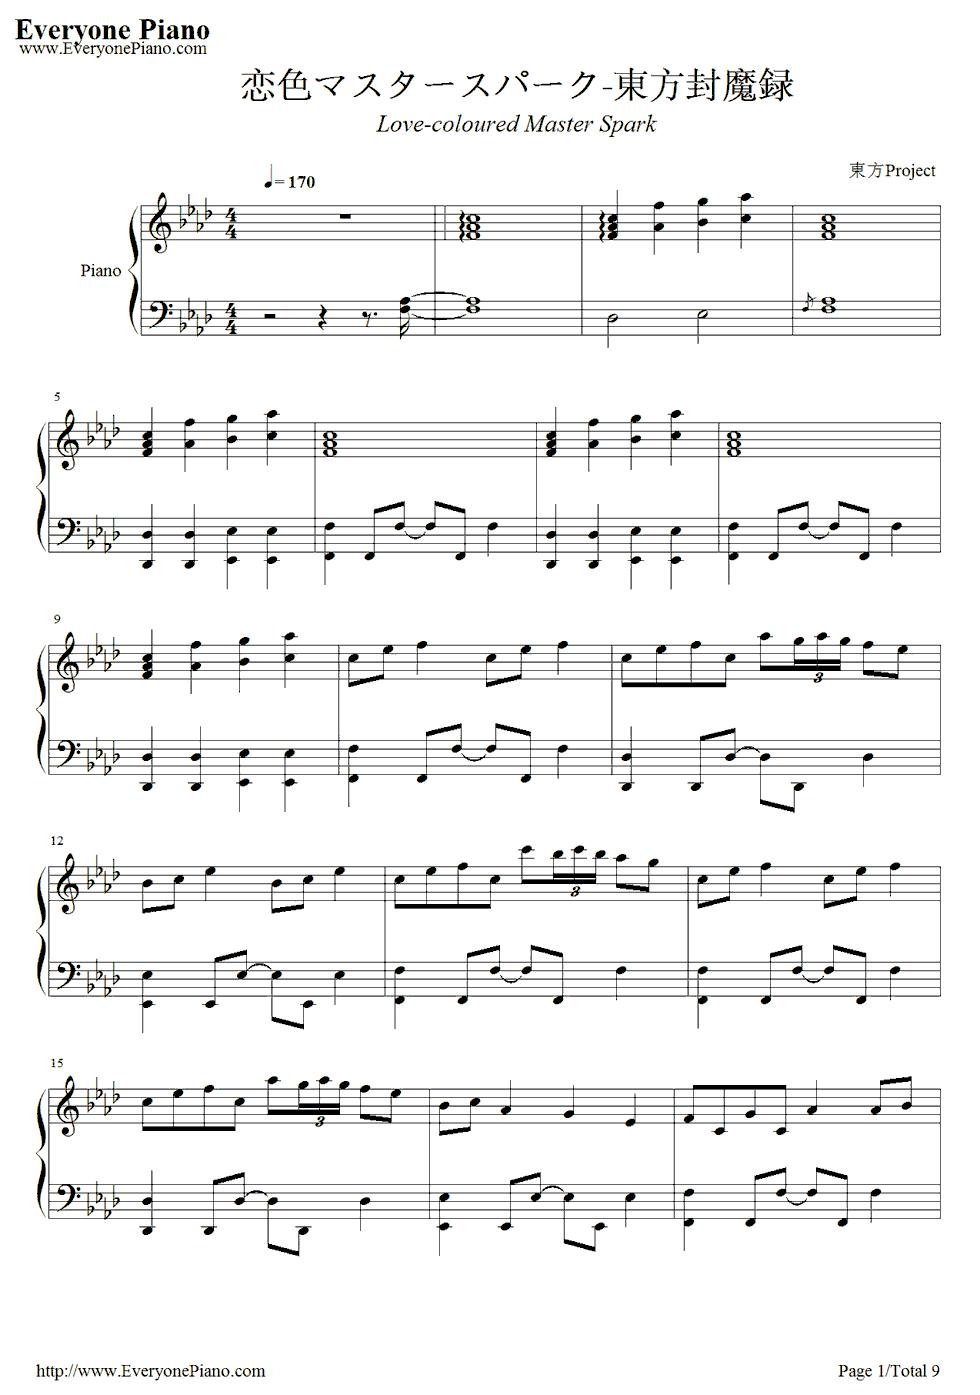 東方ピアノEasyモード